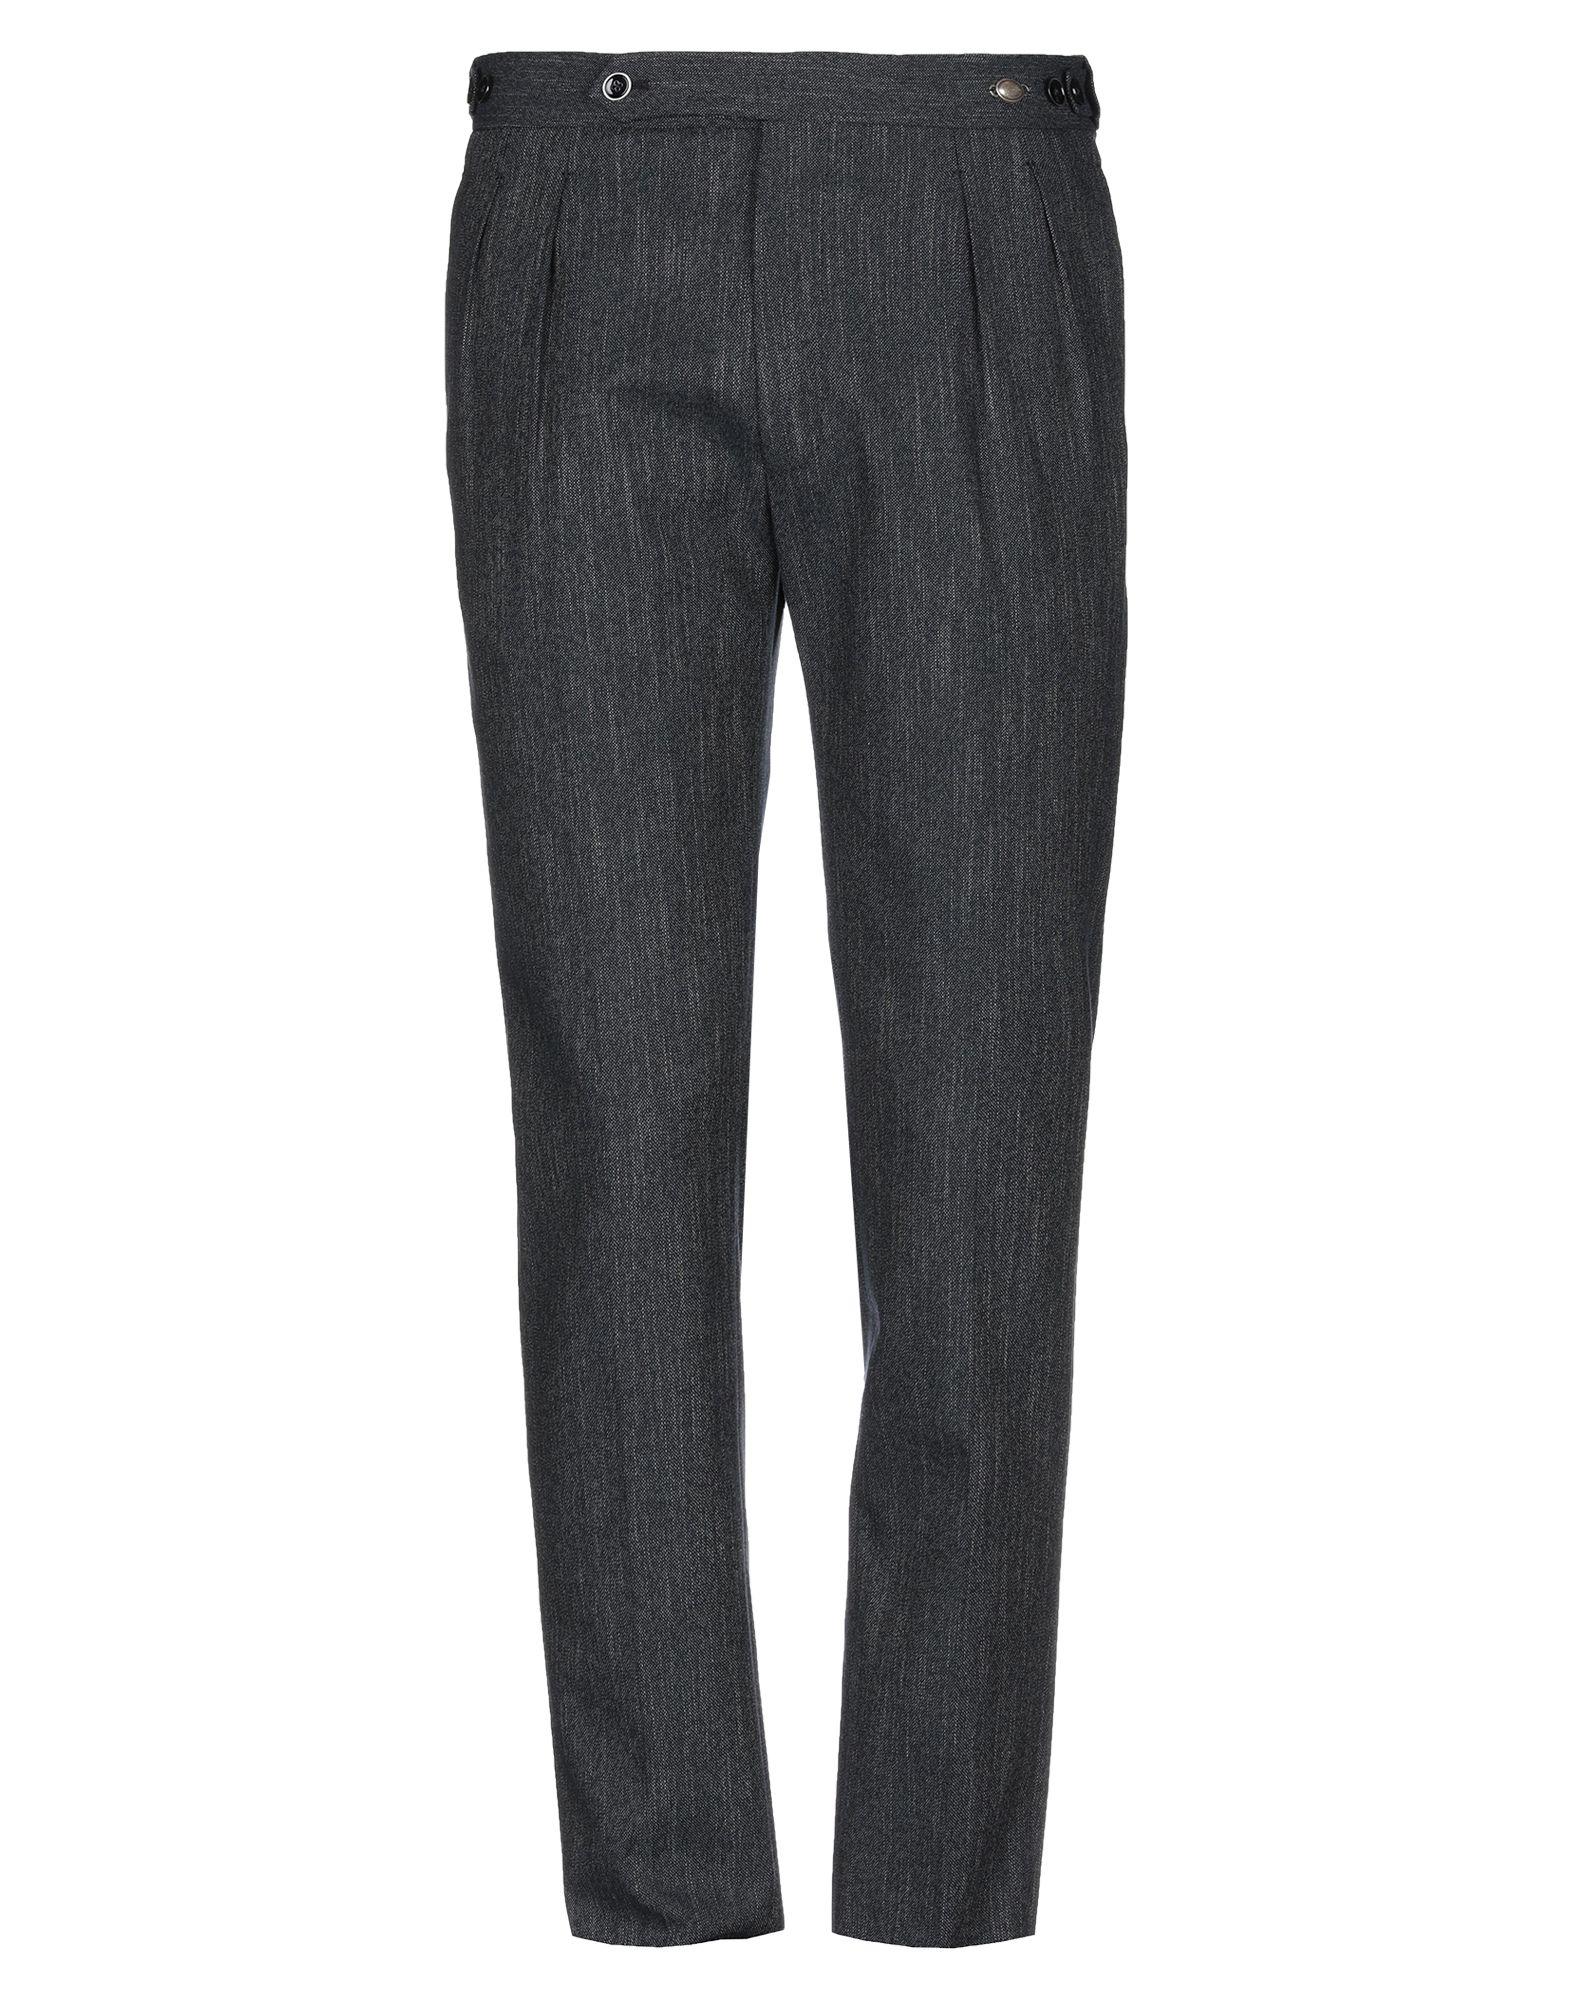 Pantalone Tagliatore herren - 13363504RN